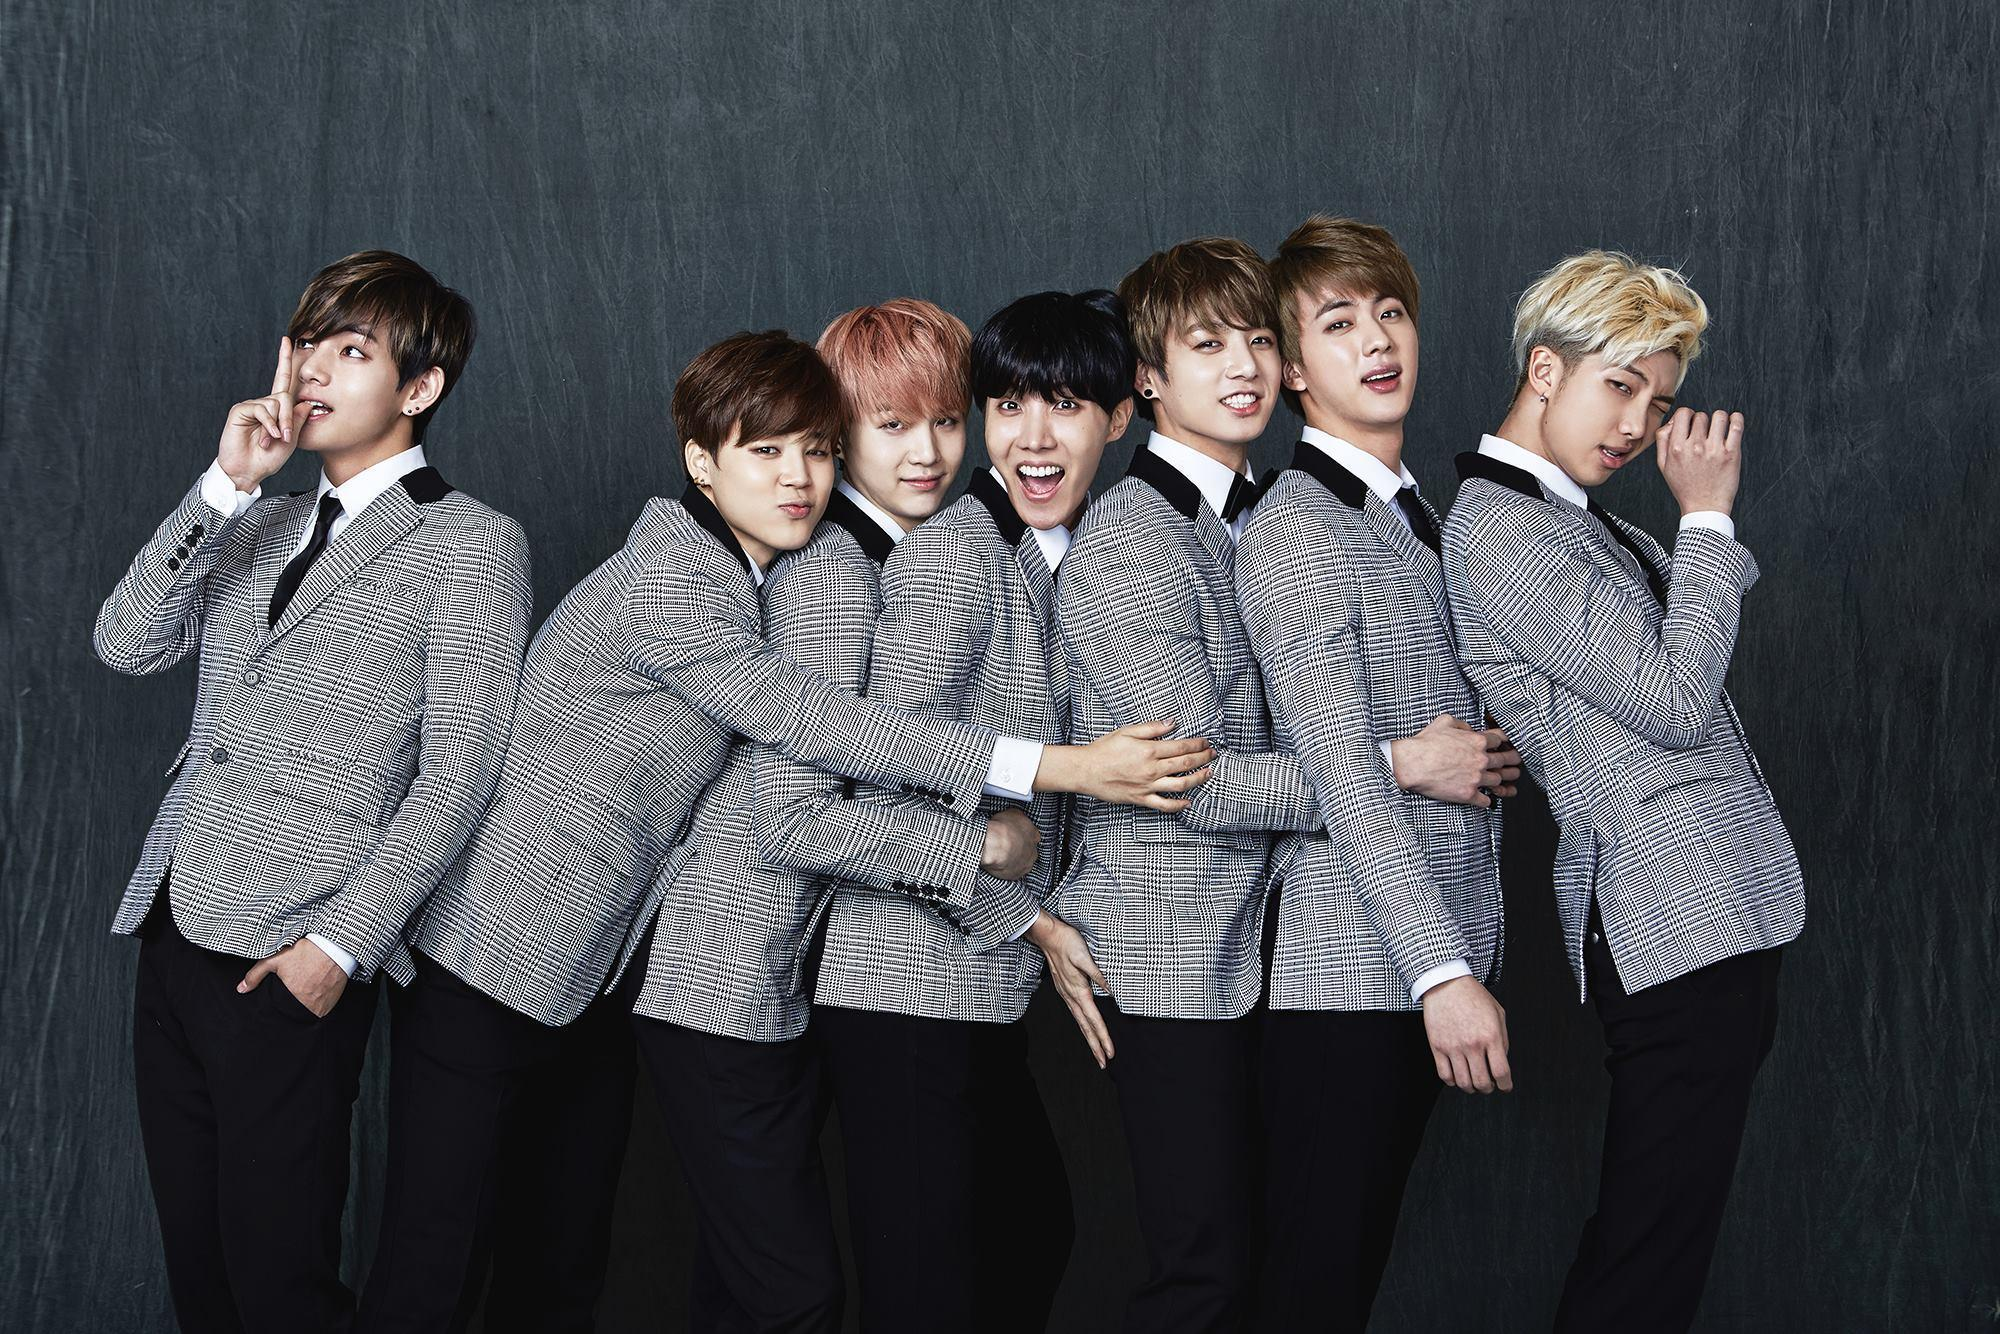 📈 Кей-поп гурт BTS став найпродаванішим музичним проєктом у світі за 2020 рік